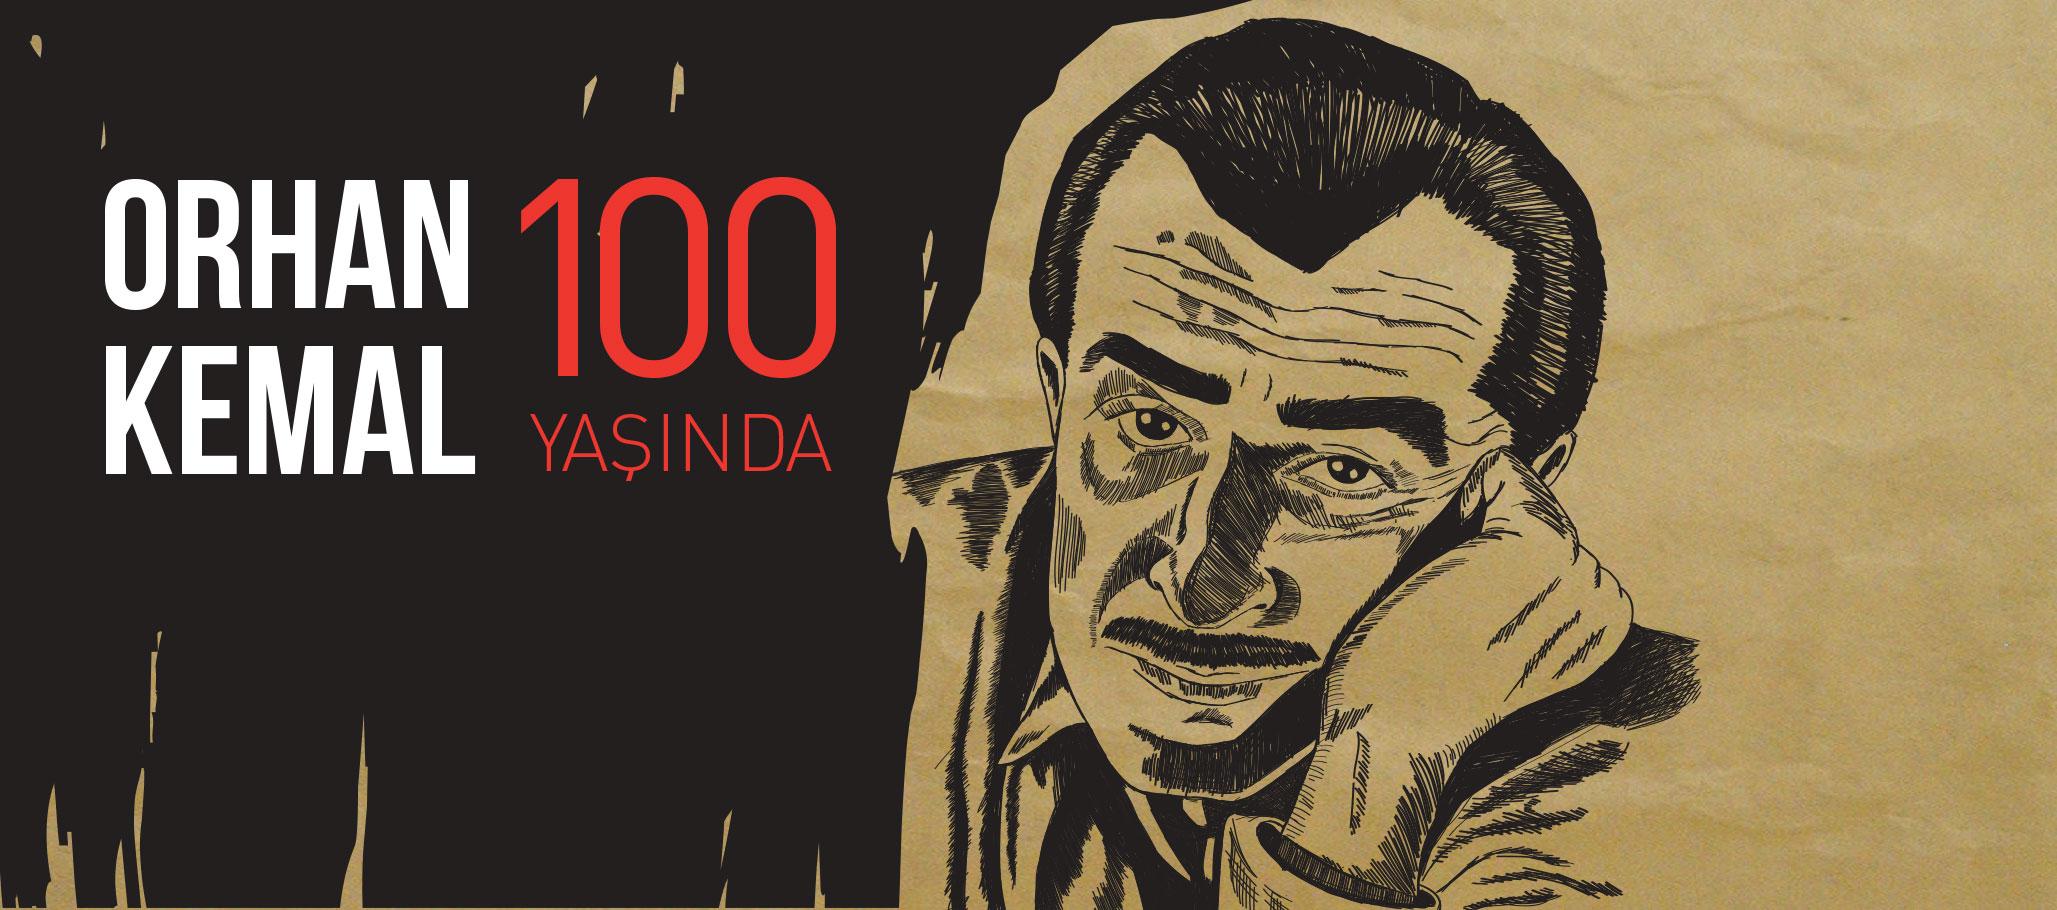 Orhan Kemal 100 Yaşında